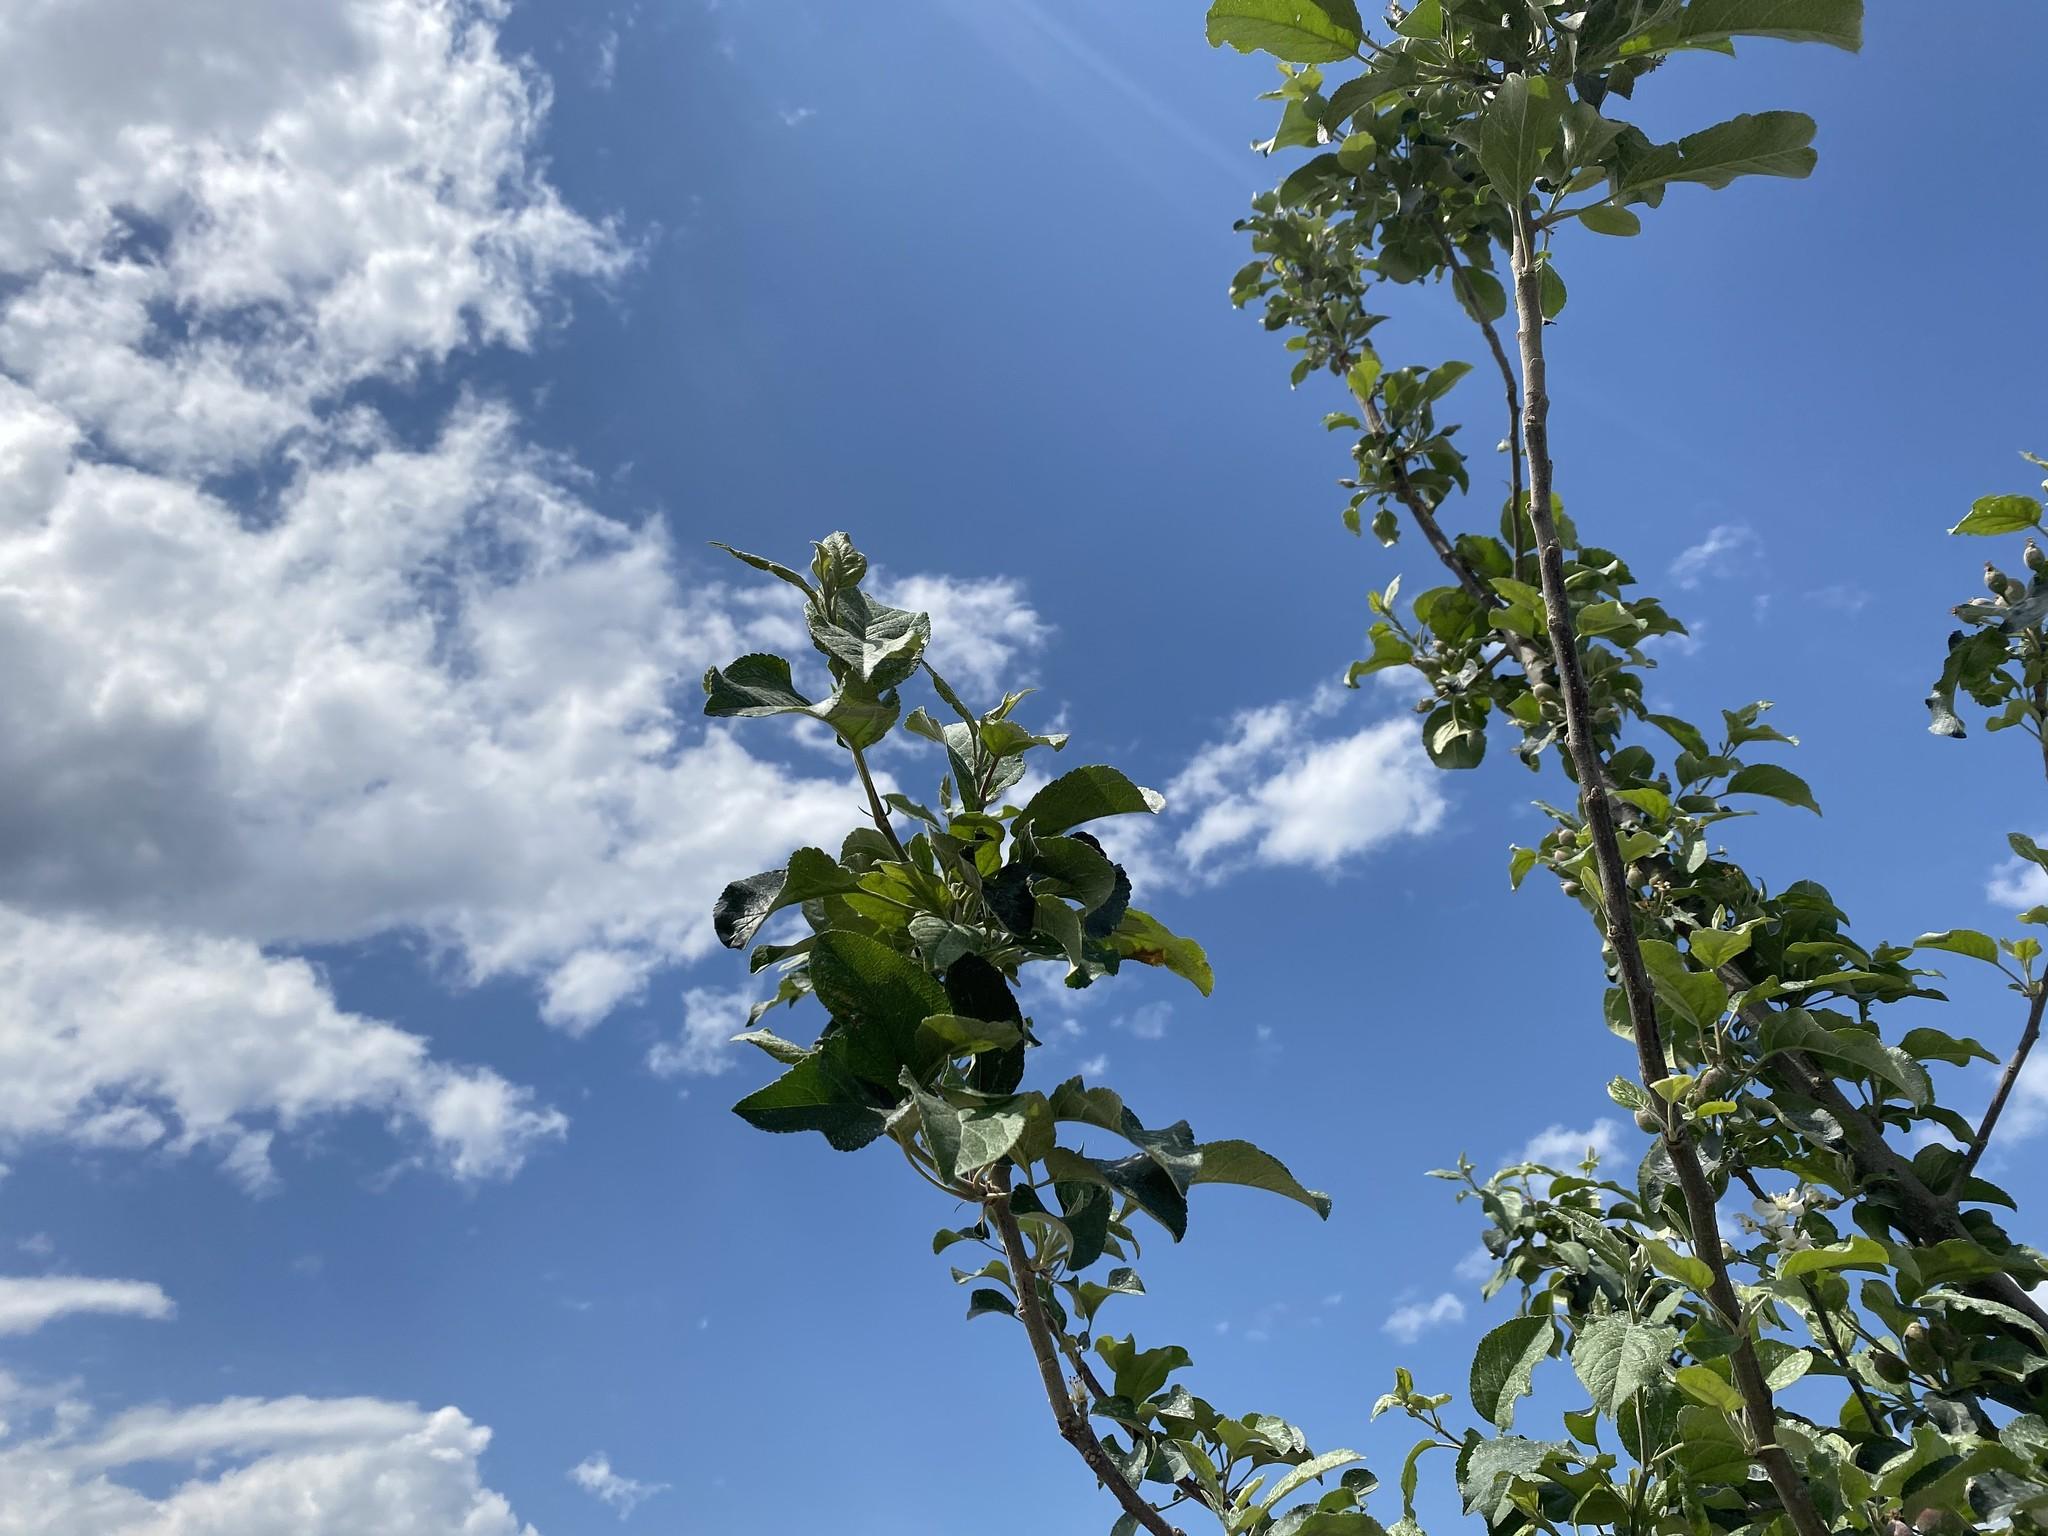 2020年「人と自然がよろこぶ完熟桃」🍑予約販売開始!重要なお知らせ